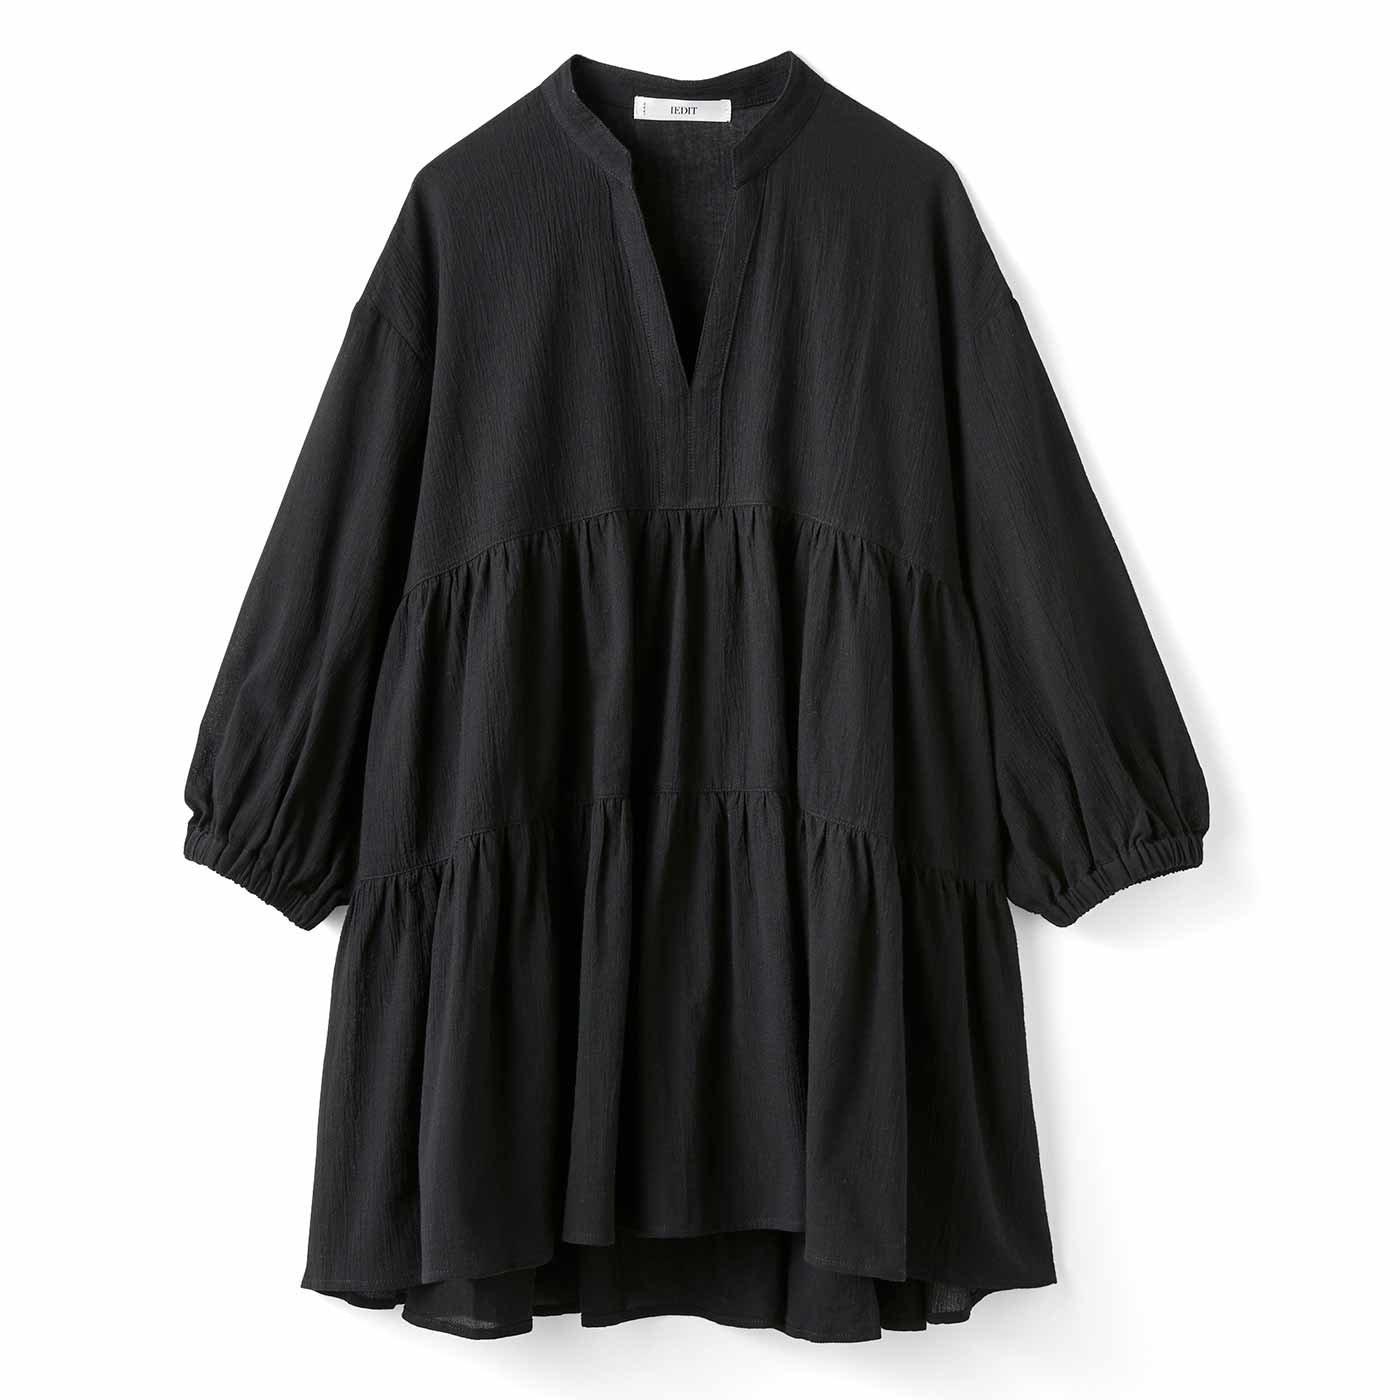 IEDIT[イディット] 楊柳(ようりゅう)コットン素材のティアードロングブラウス〈ブラック〉